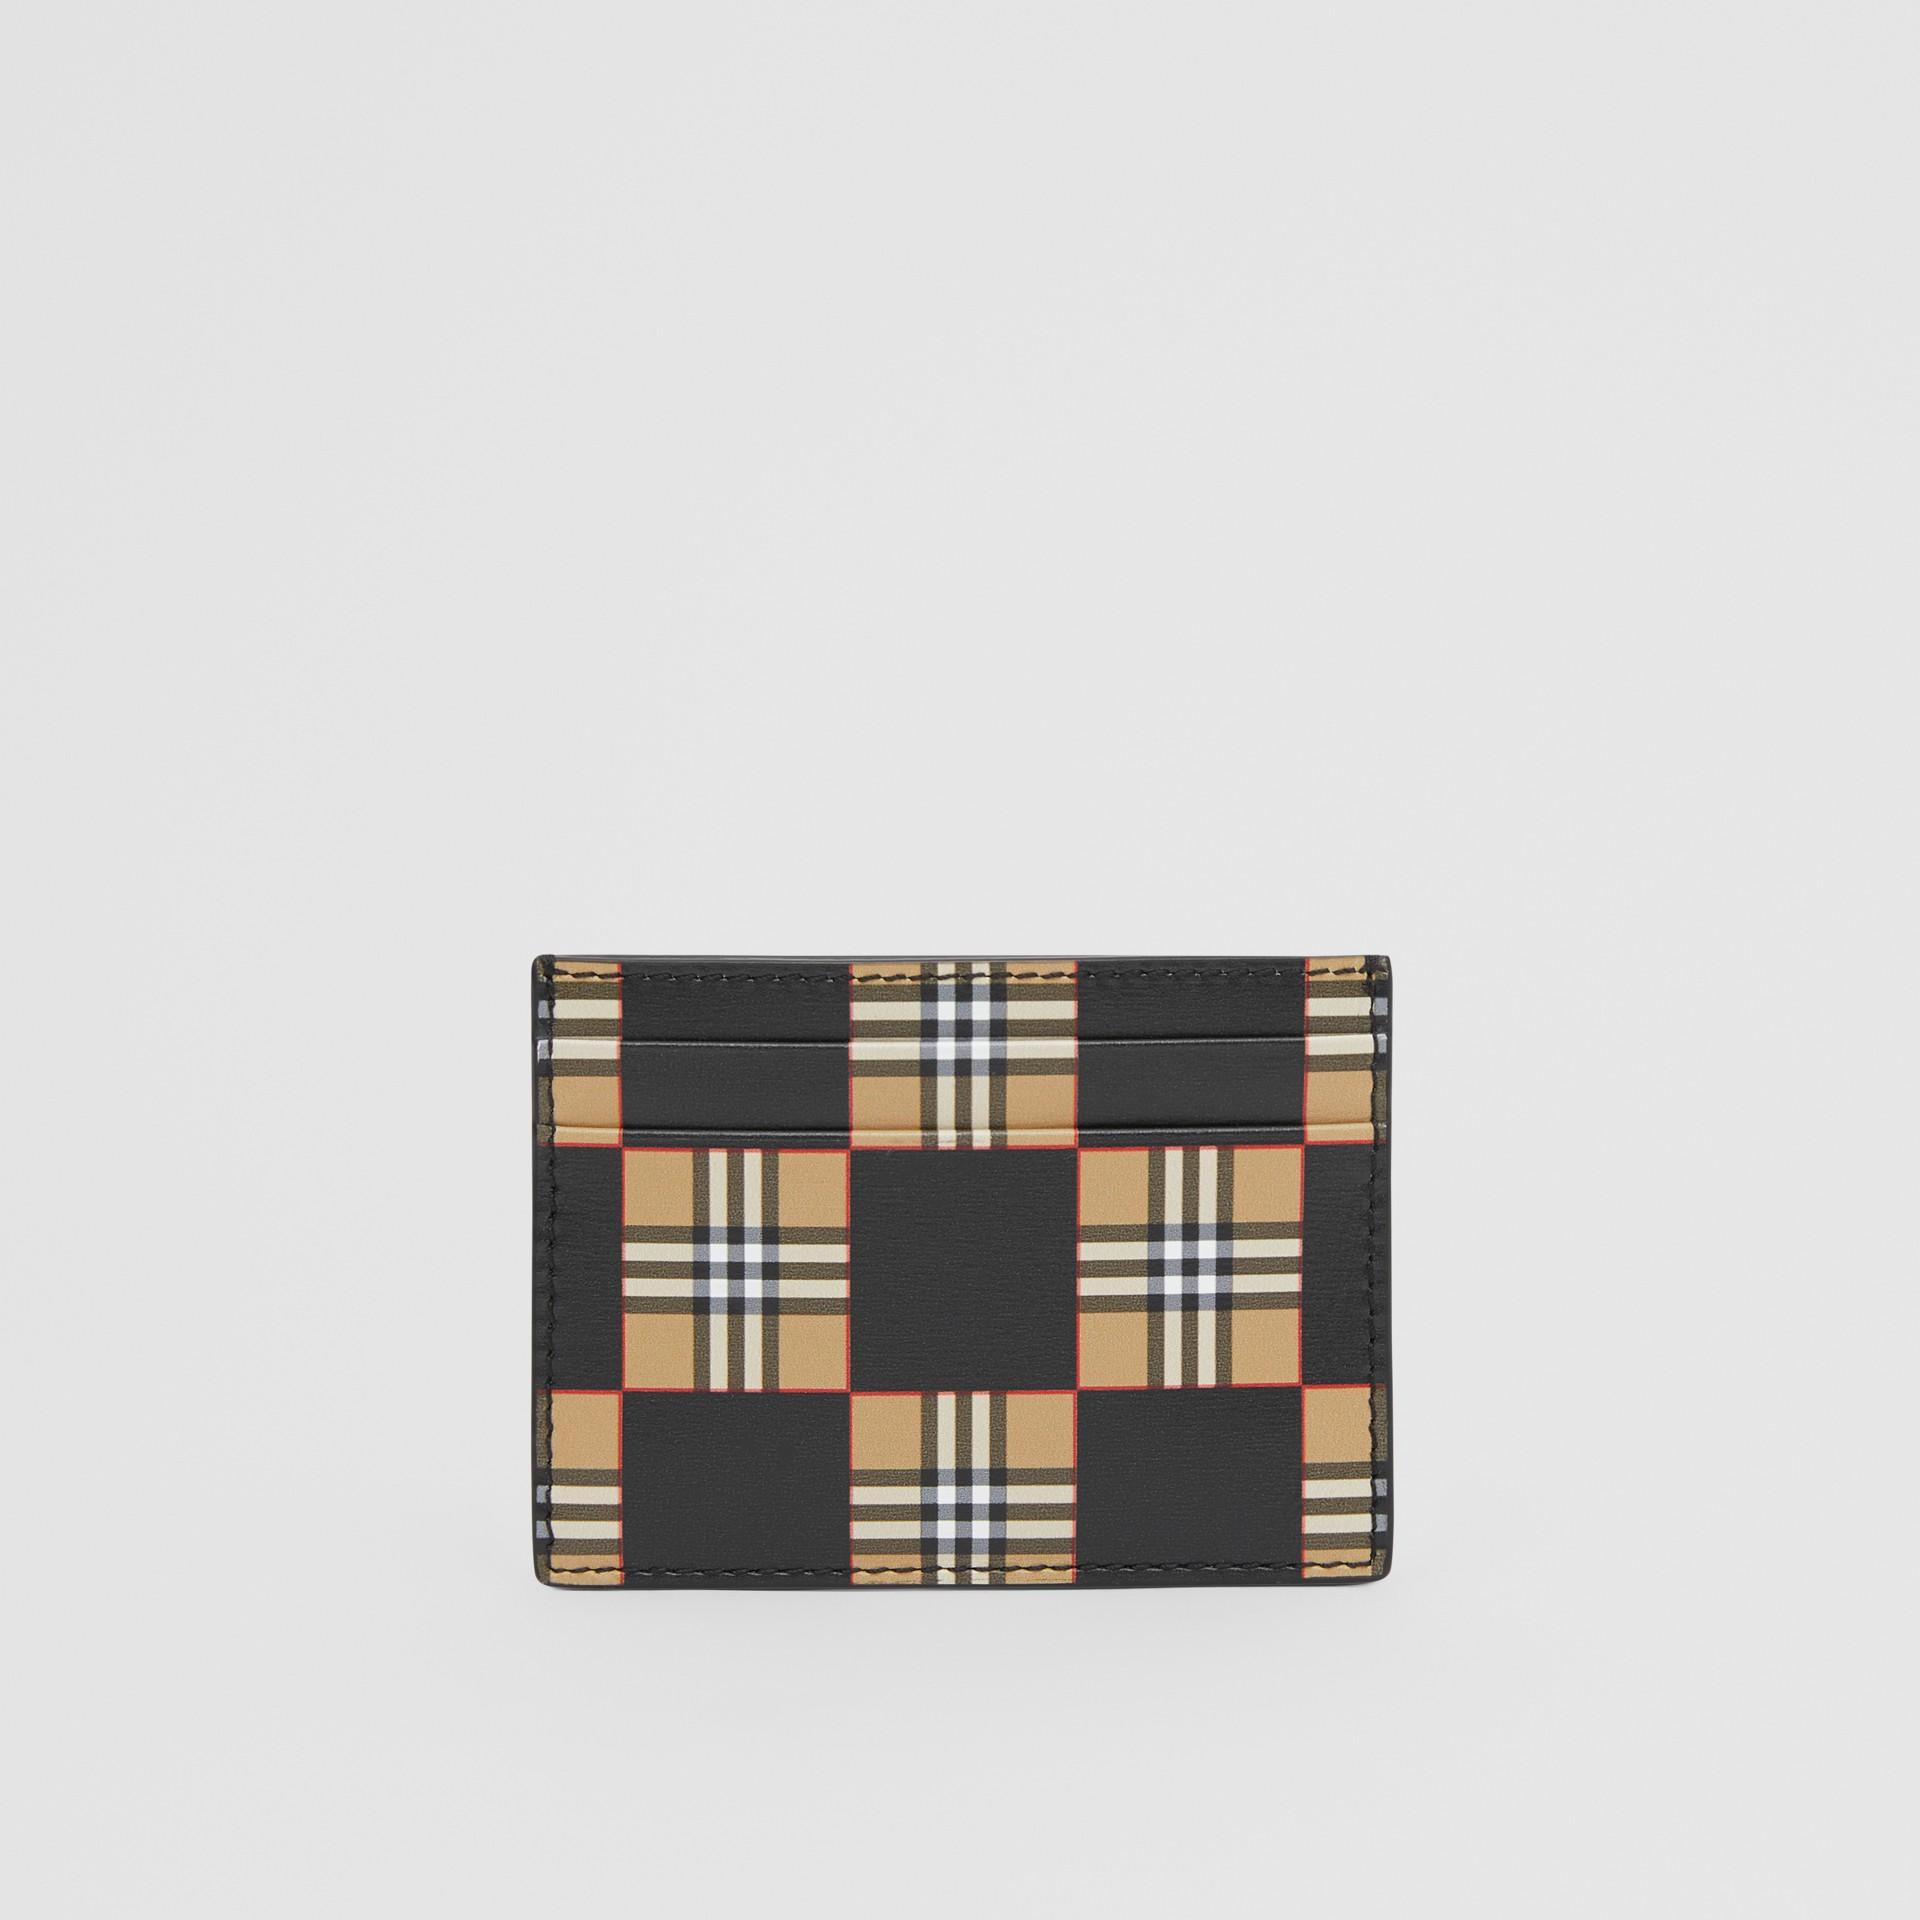 チェッカープリント レザー カードケース (アーカイブベージュ/ブラック) | バーバリー - ギャラリーイメージ 5